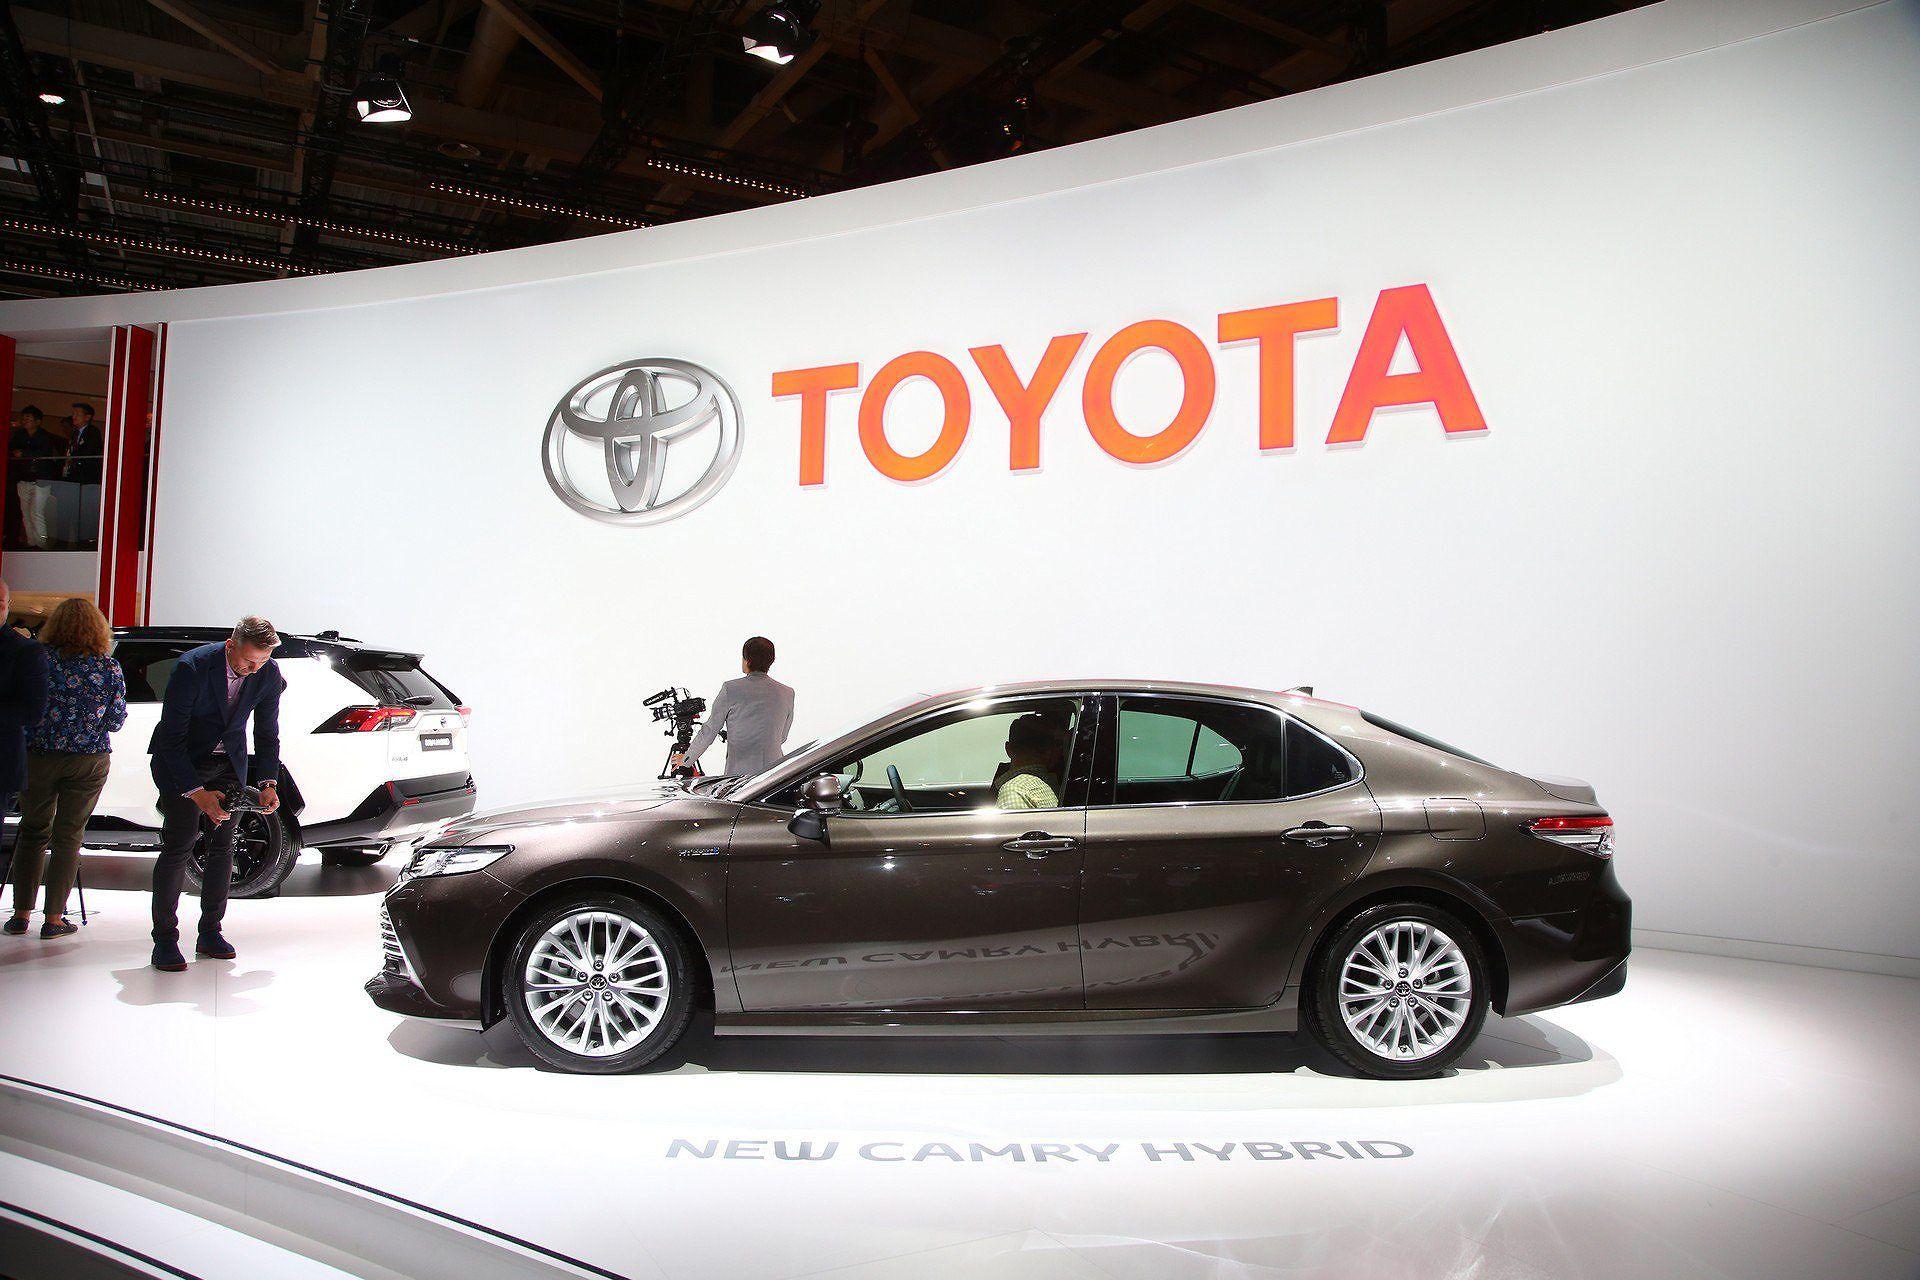 Toyota Camry Hybrid trở lại châu Âu sau 14 năm vắng bóng Ảnh 5